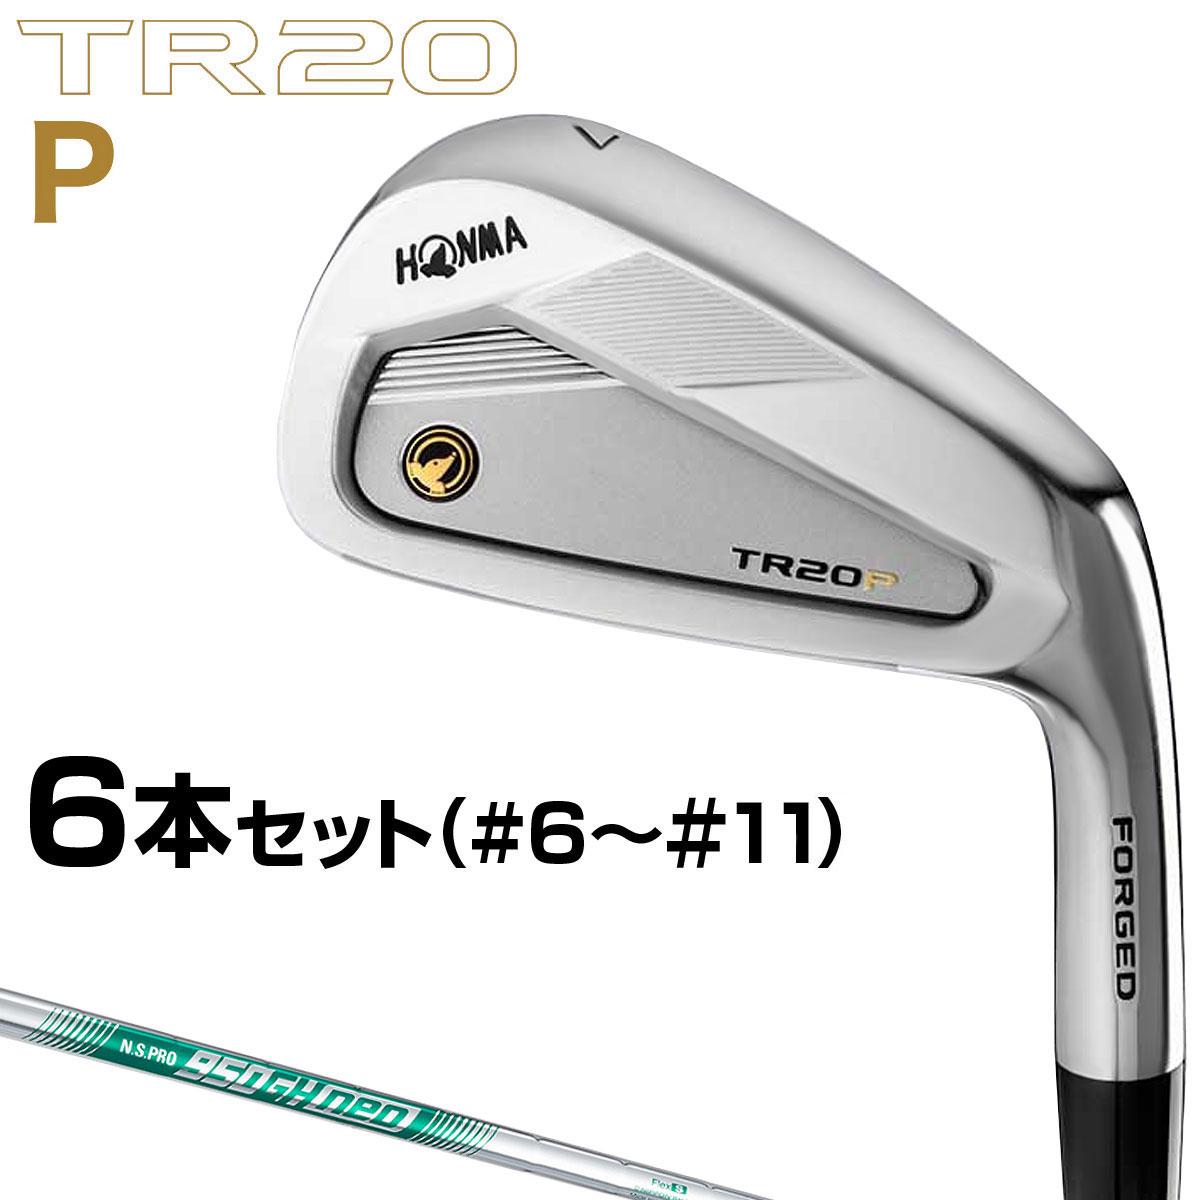 【代引可】 HONMA GOLF(本間ゴルフ)日本正規品 T//WORLD(ツアーワールド) TR20P 鍛造ポケットキャビティアイアン 2020モデル NSPRO950GH neoスチールシャフト 6本セット(I#6~I#11), 電材ドットコム c7bd7645